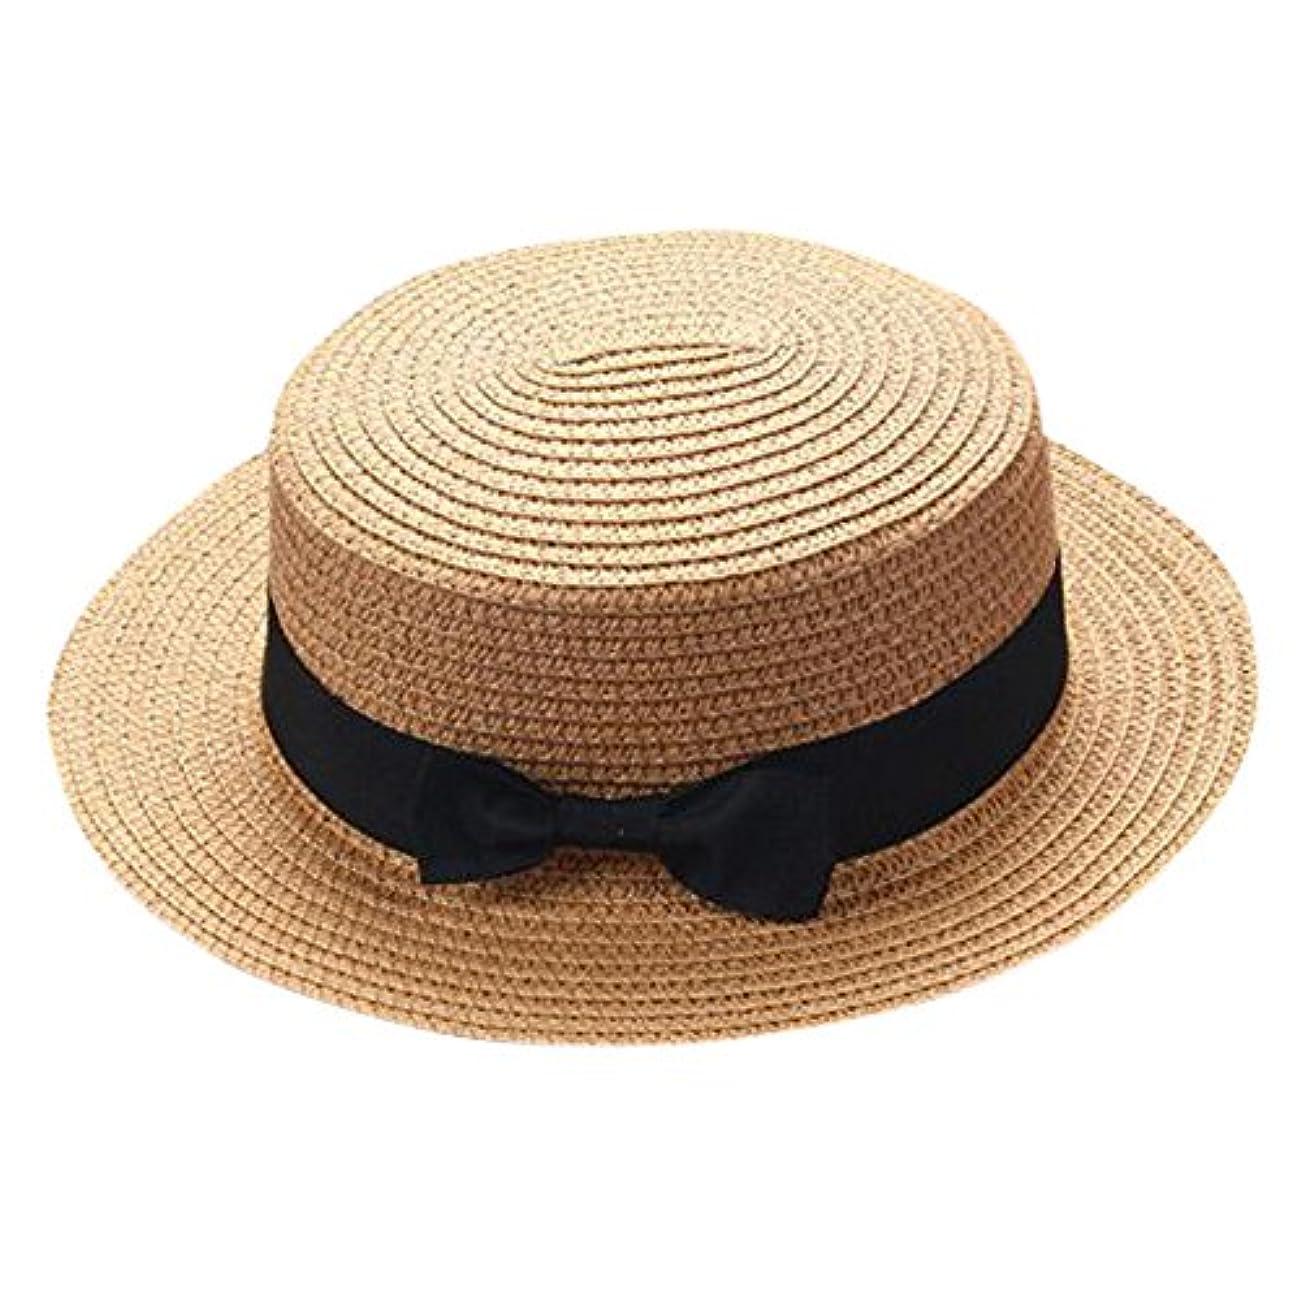 連合保証金球状キャップ キッズ 日よけ 帽子 小顔効果抜群 旅行用 日よけ 夏 ビーチ 海辺 かわいい リゾート 紫外線対策 男女兼用 日焼け防止 熱中症予防 取り外すあご紐 つば広 おしゃれ 可愛い 夏 ROSE ROMAN